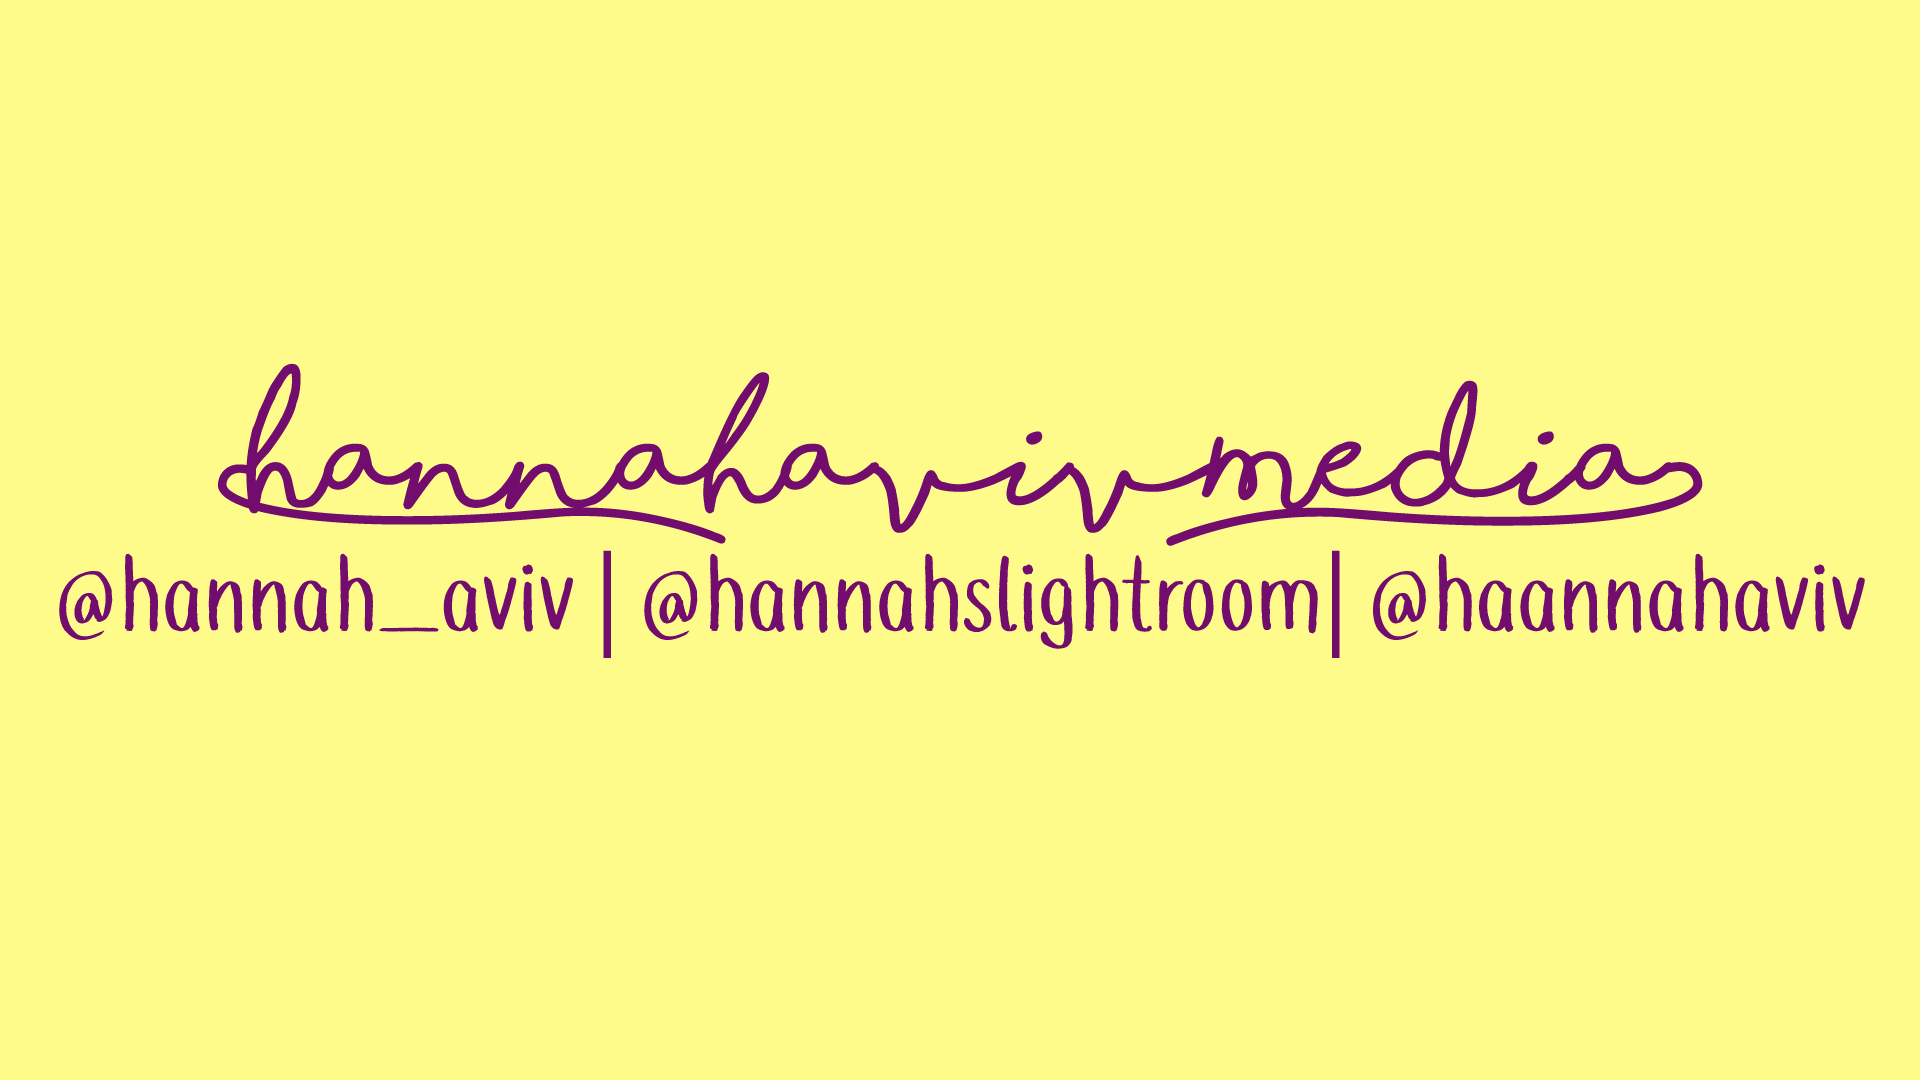 Hannah Aviv